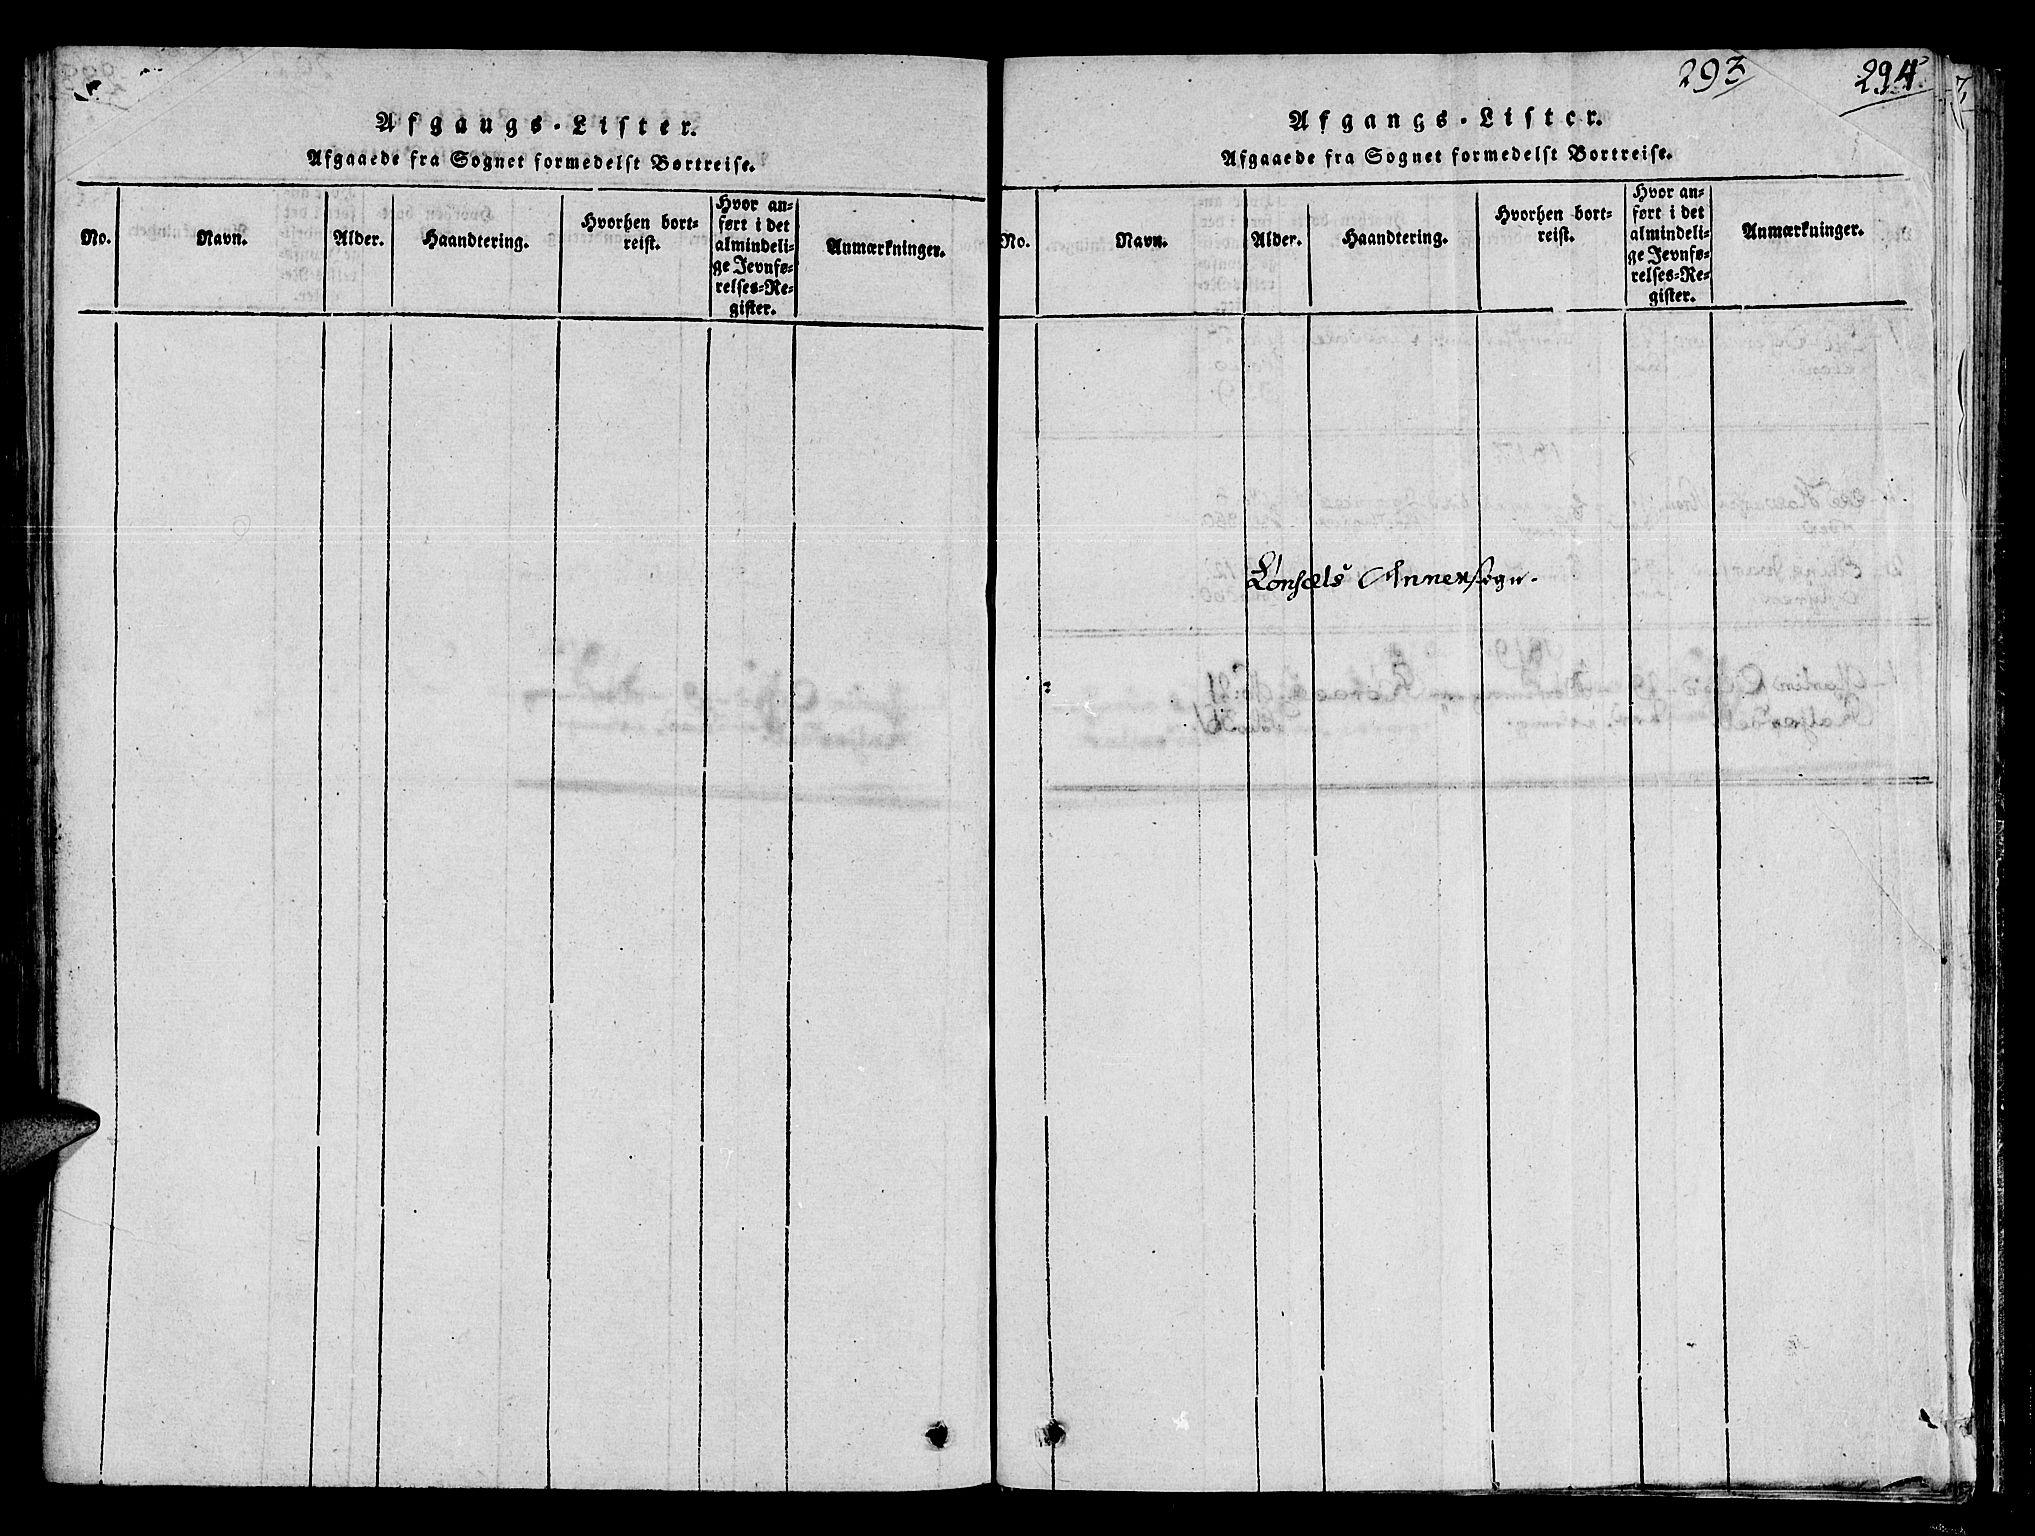 SAT, Ministerialprotokoller, klokkerbøker og fødselsregistre - Sør-Trøndelag, 678/L0896: Ministerialbok nr. 678A05 /2, 1816-1821, s. 293